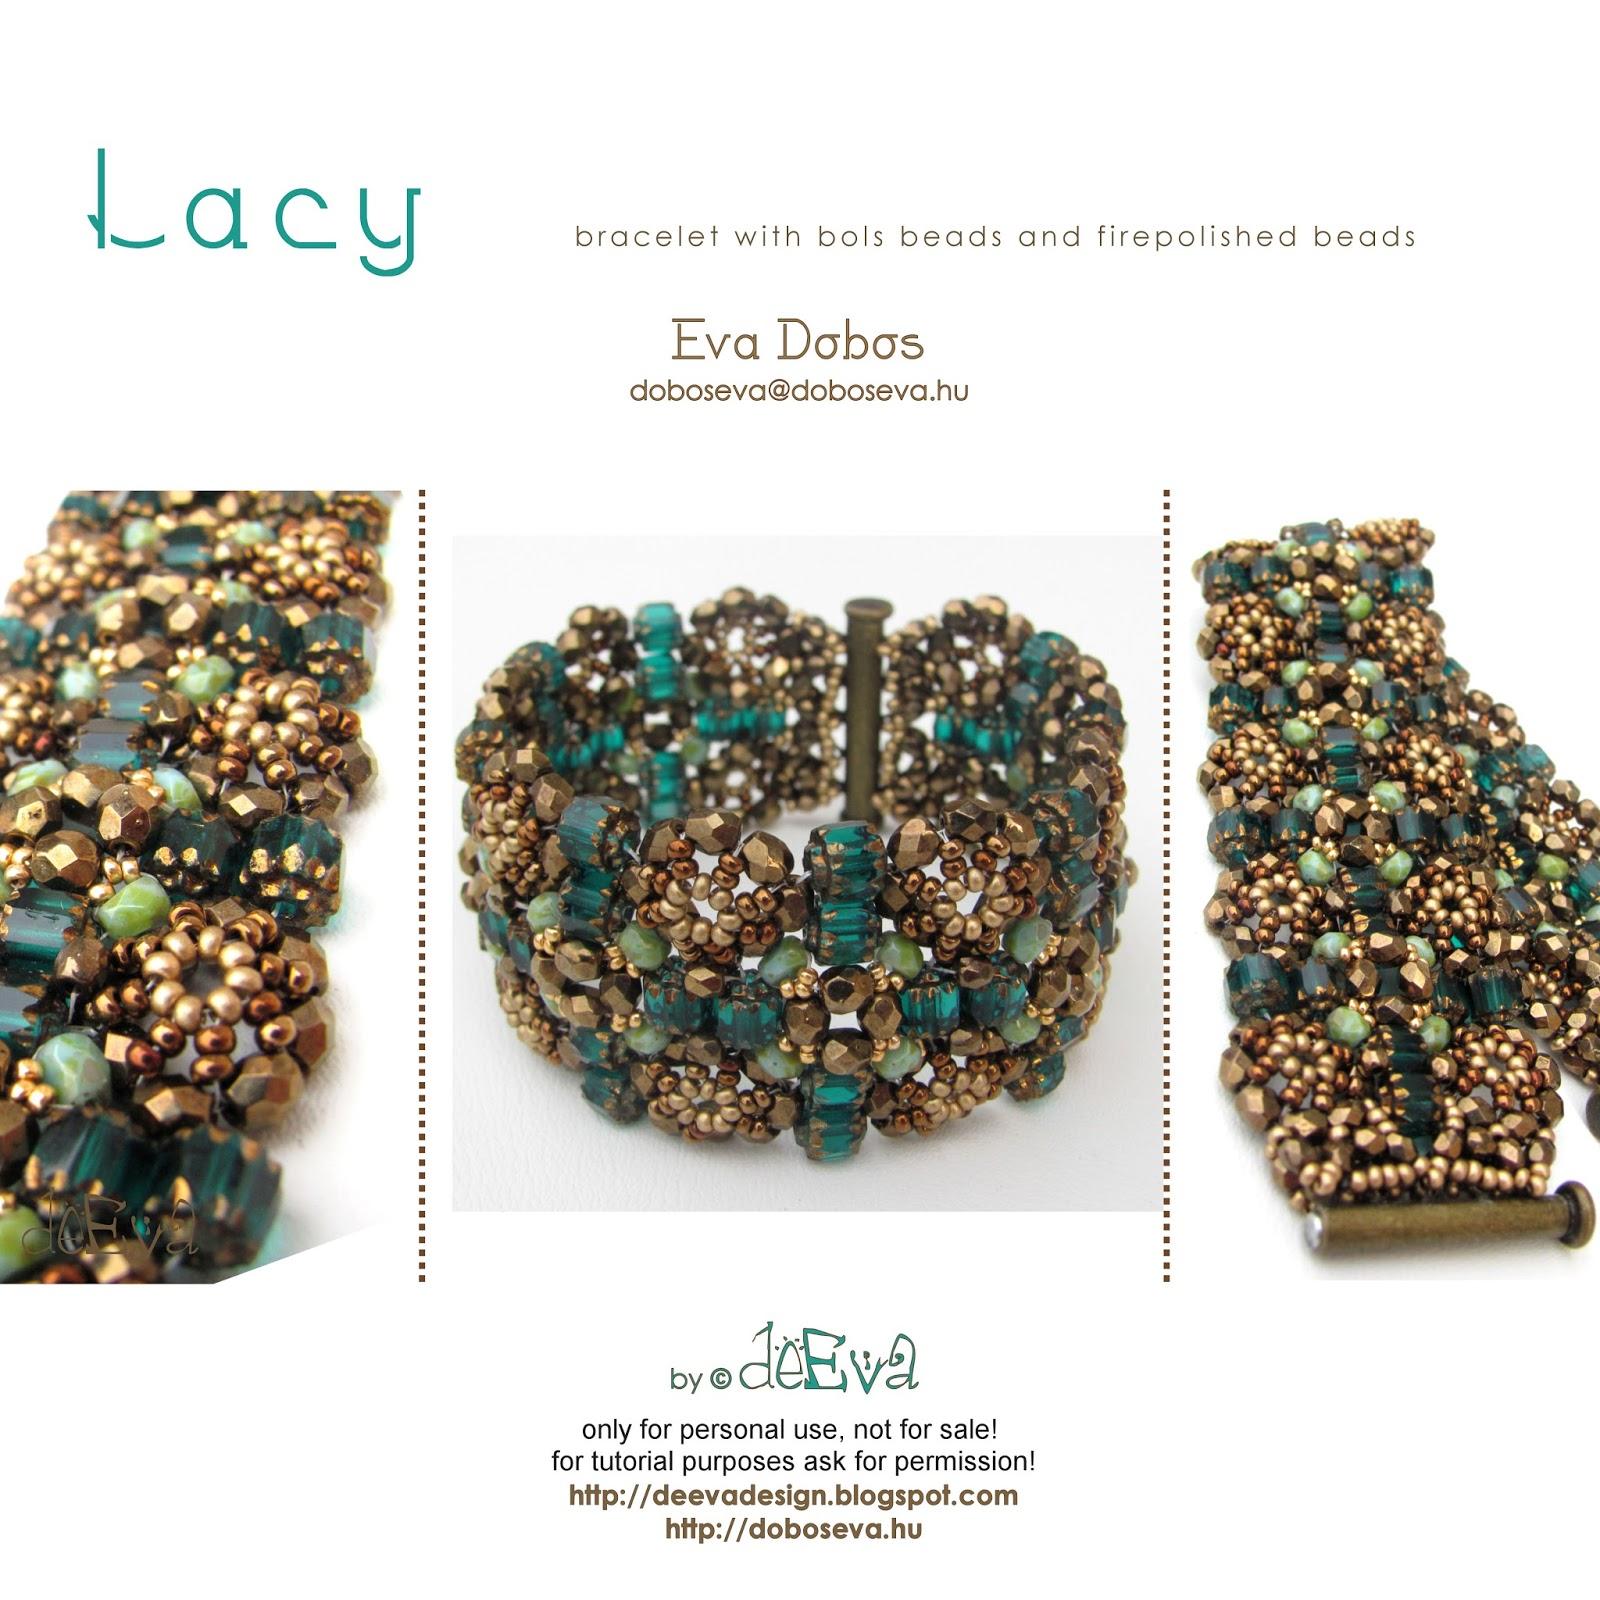 deEva - beaded jewelry: New tutorials/patterns on Etsy: Lacy, Ninwa